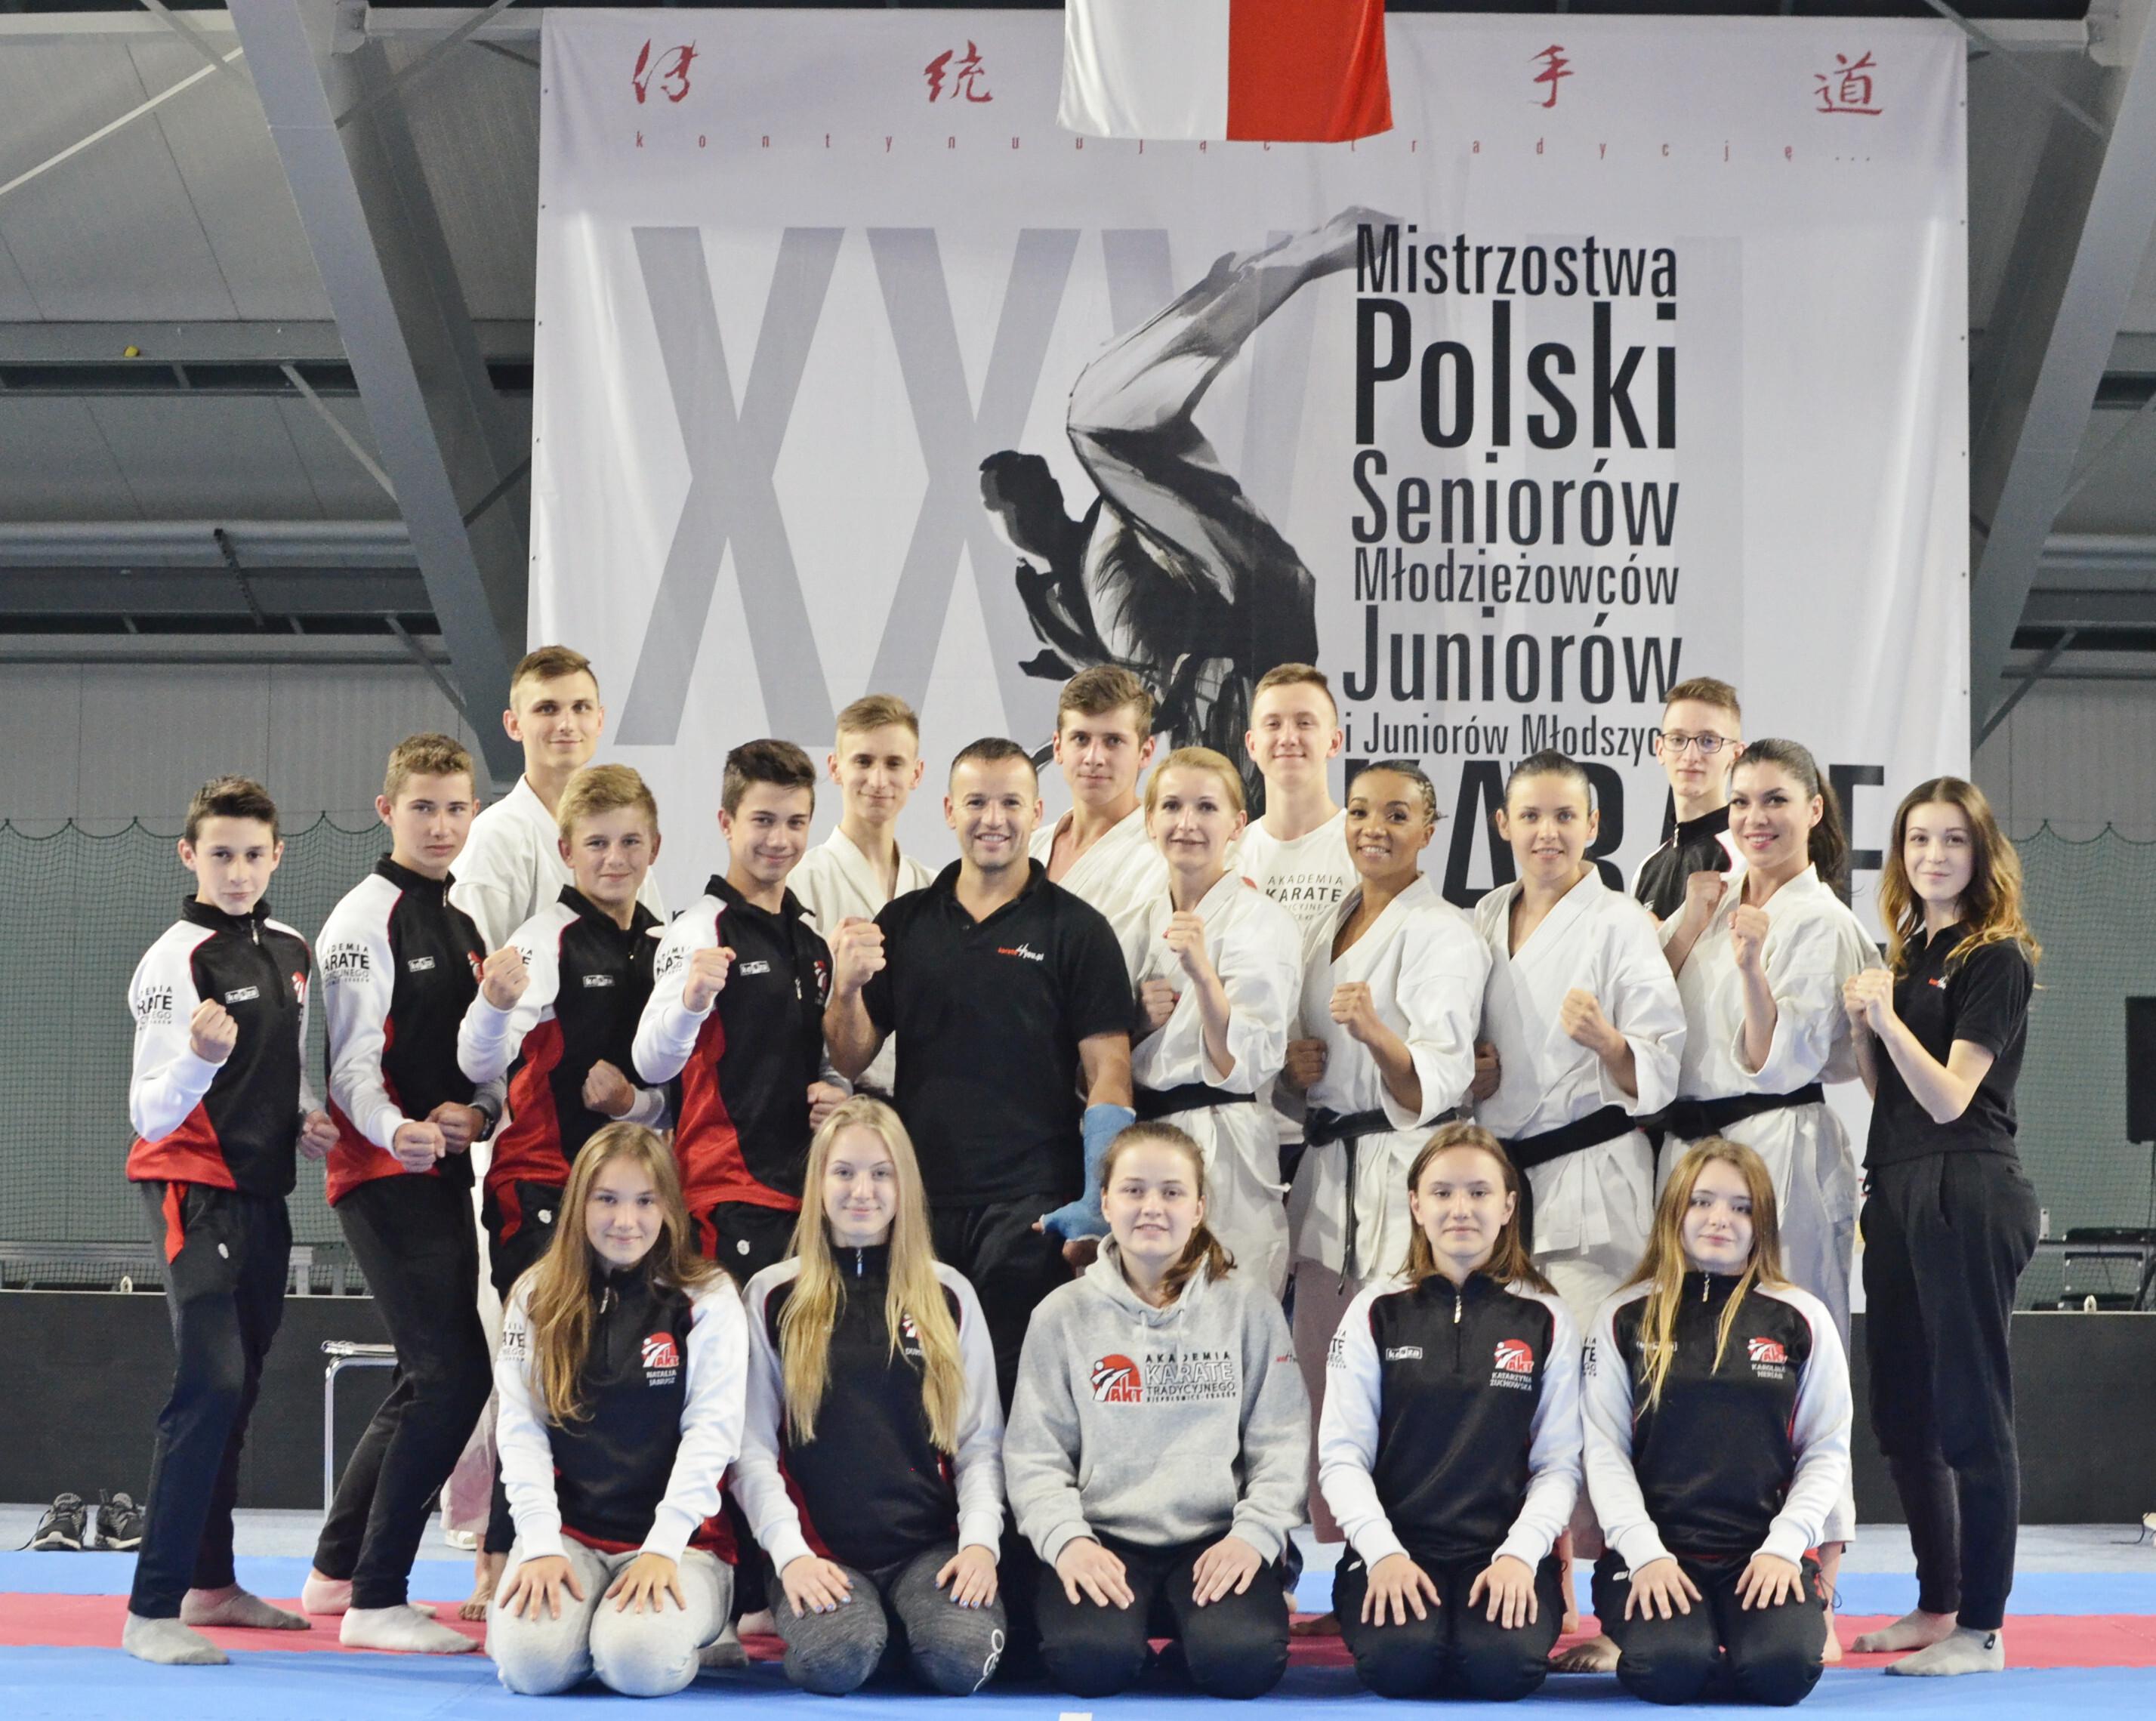 <p>Bardzo dobrym wynikiem zakończyły się dla AKT Niepołomice-Kraków Mistrzostwa Polski w Karate Tradycyjnym, rozegrane 17 i 18 czerwca w Zamościu. Karatecy wrócili do domu z 19 medalami (5 złotych, 6 srebrnych i 8 brązowych).</p>